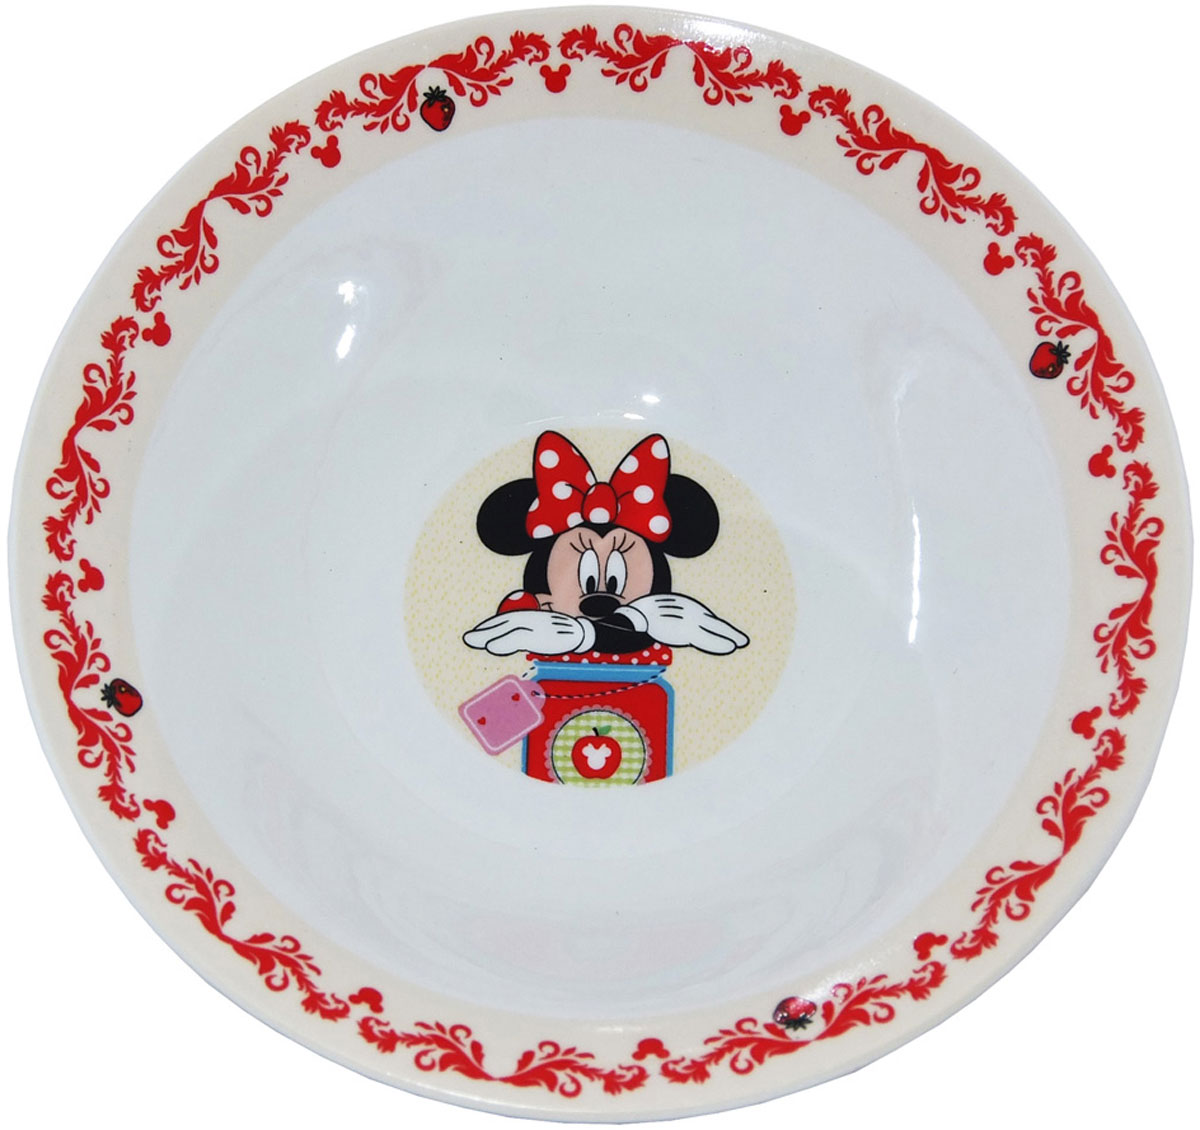 Disney Миска детская Минни диаметр 18 смDMB180-1Яркая миска «Минни» идеально подойдет для кормления малыша и самостоятельного приема им пищи. Миска выполнена из керамики, дно оформлено изображением Миннииз мультфильмов Disney. Миска, оформленная веселой картинкой из мультфильмов Disney понравятся и малышу, и родителям!